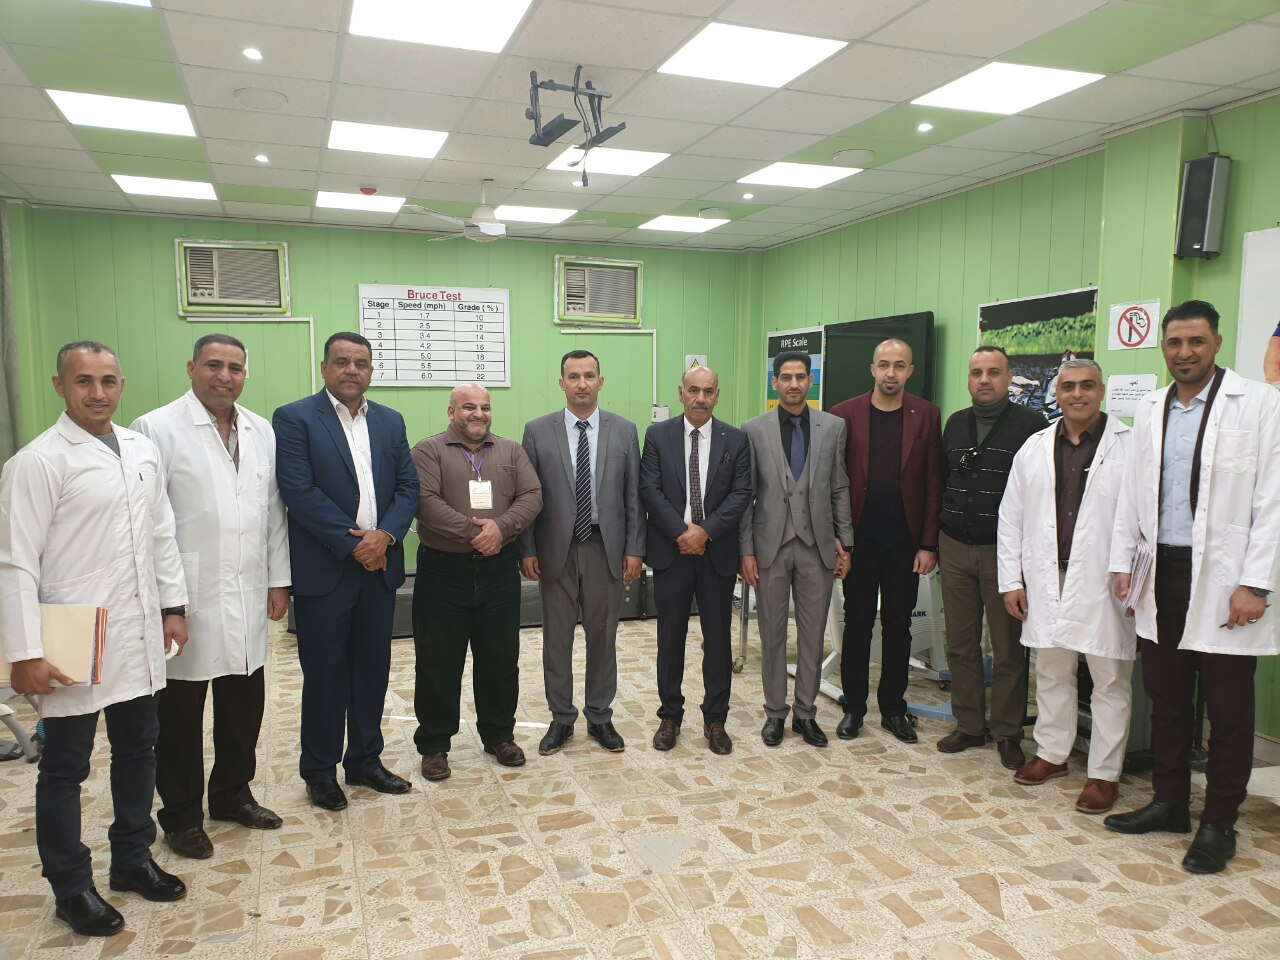 اللجنة الوزارية لتقييم المختبرات تشيد بجودة واعتمادية المختبرات في كلية التربية البدنية وعلوم الرياضة